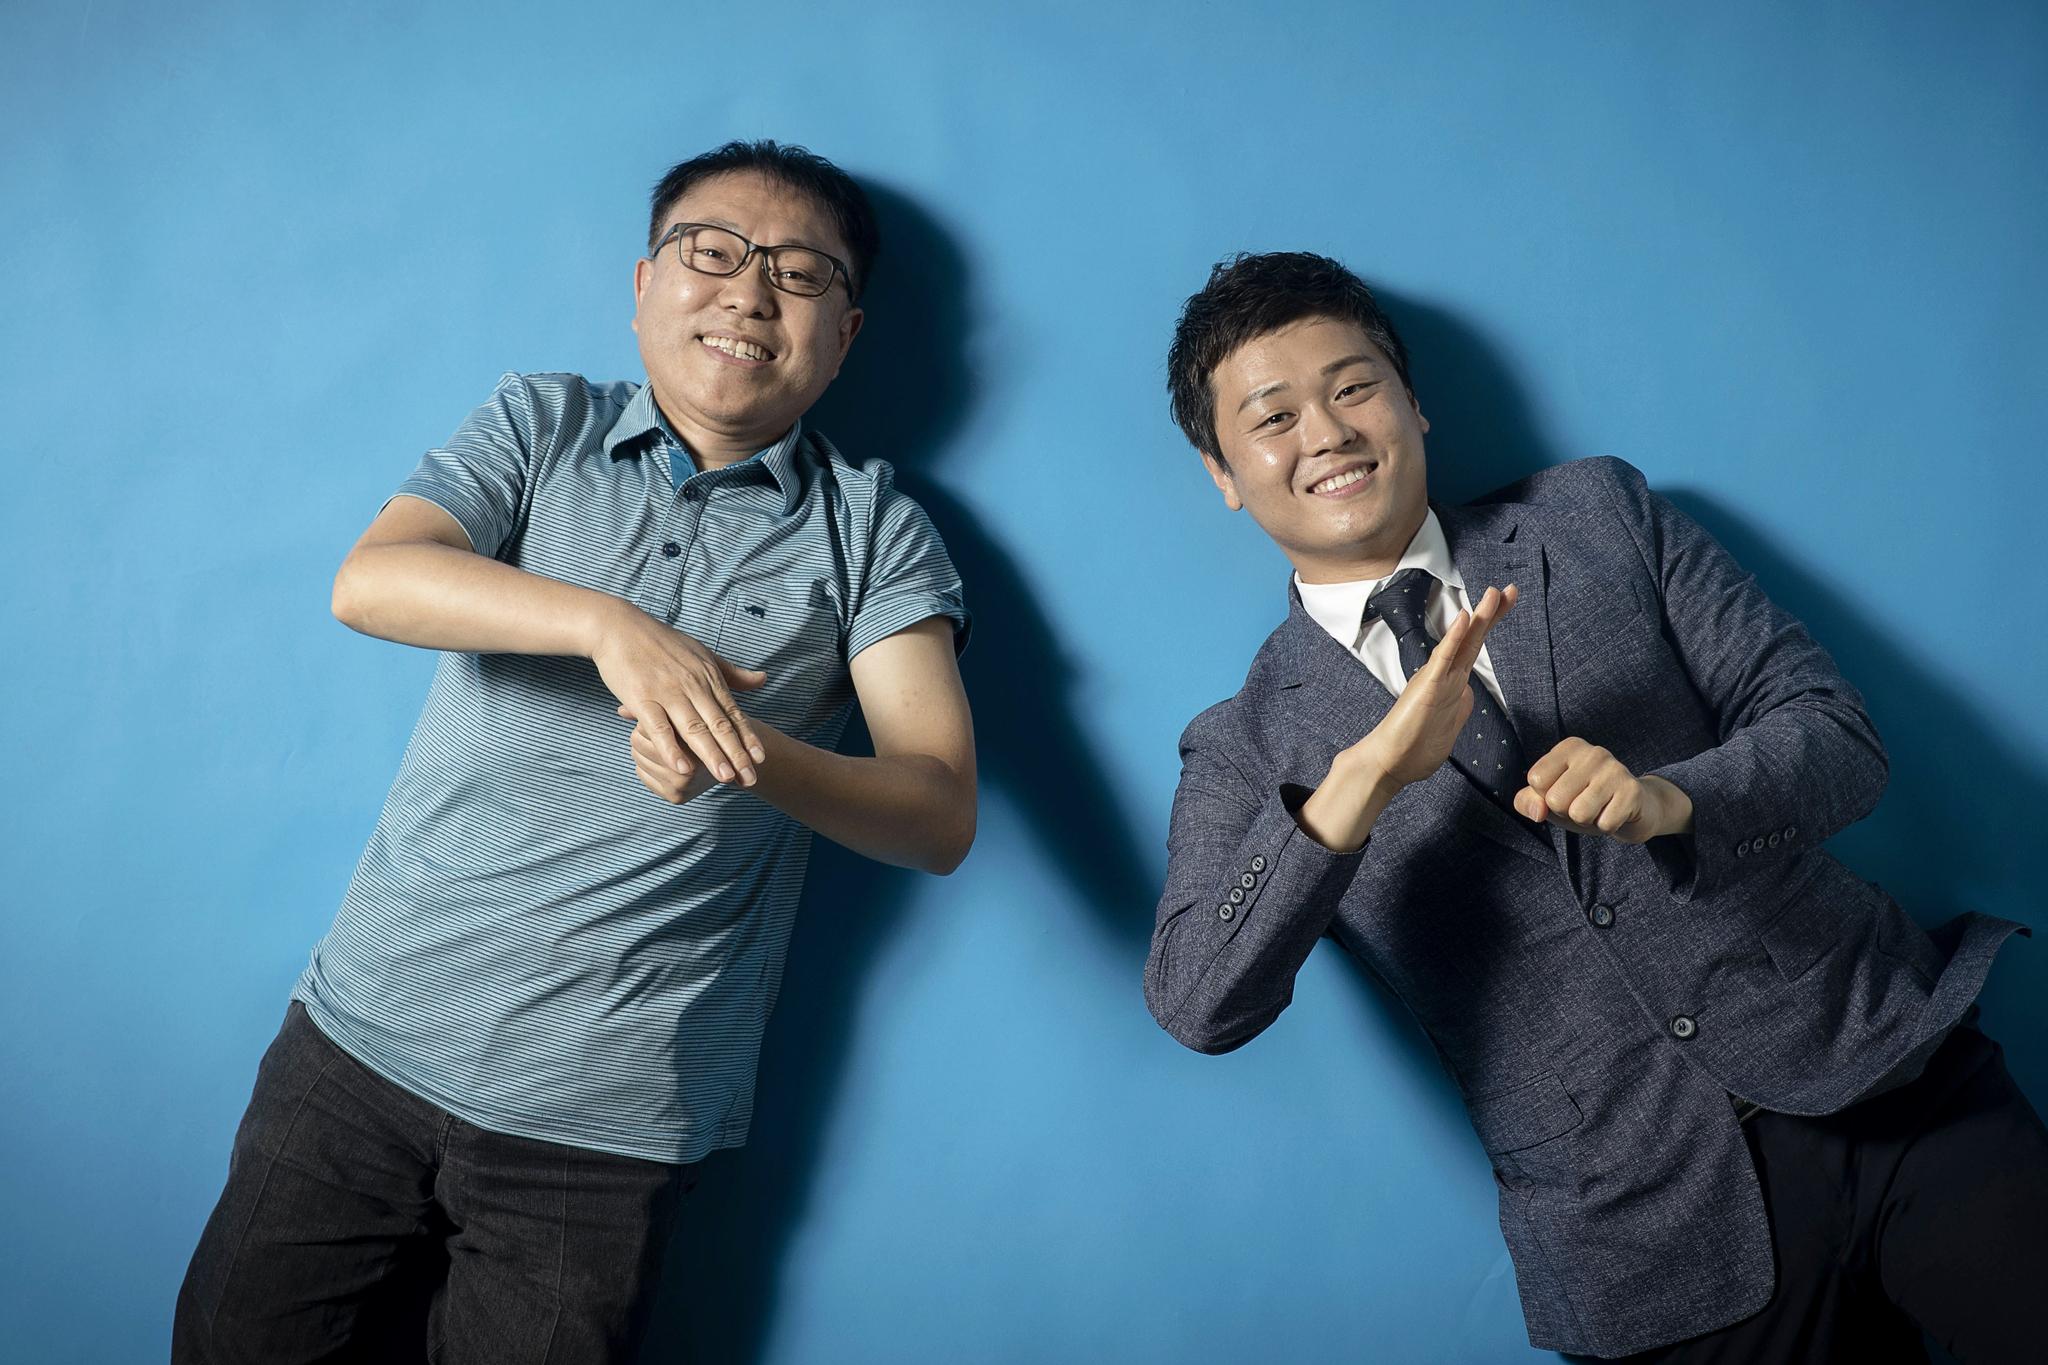 김철환 수어통역사(왼쪽)는 부처님의 말씀을, 추호성 수어통역사는 신조어를 수어로 전달한다. 이들은 청각장애인들에게 일상언어 말고도 여러 분야의 수어 통역이 필요하다고 말했다. 두 사람이 '사랑해'를 수어로 표현하고 있다. 장진영 기자